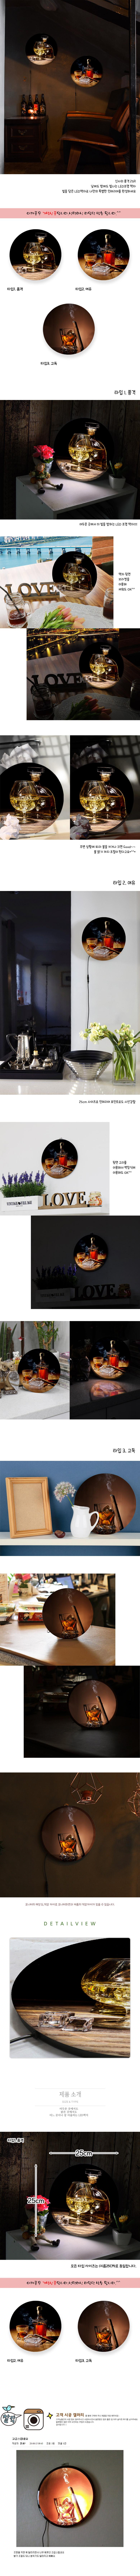 LED액자25R_신사의품격위스키 - 꾸밈, 48,000원, 포인트조명, 터치조명